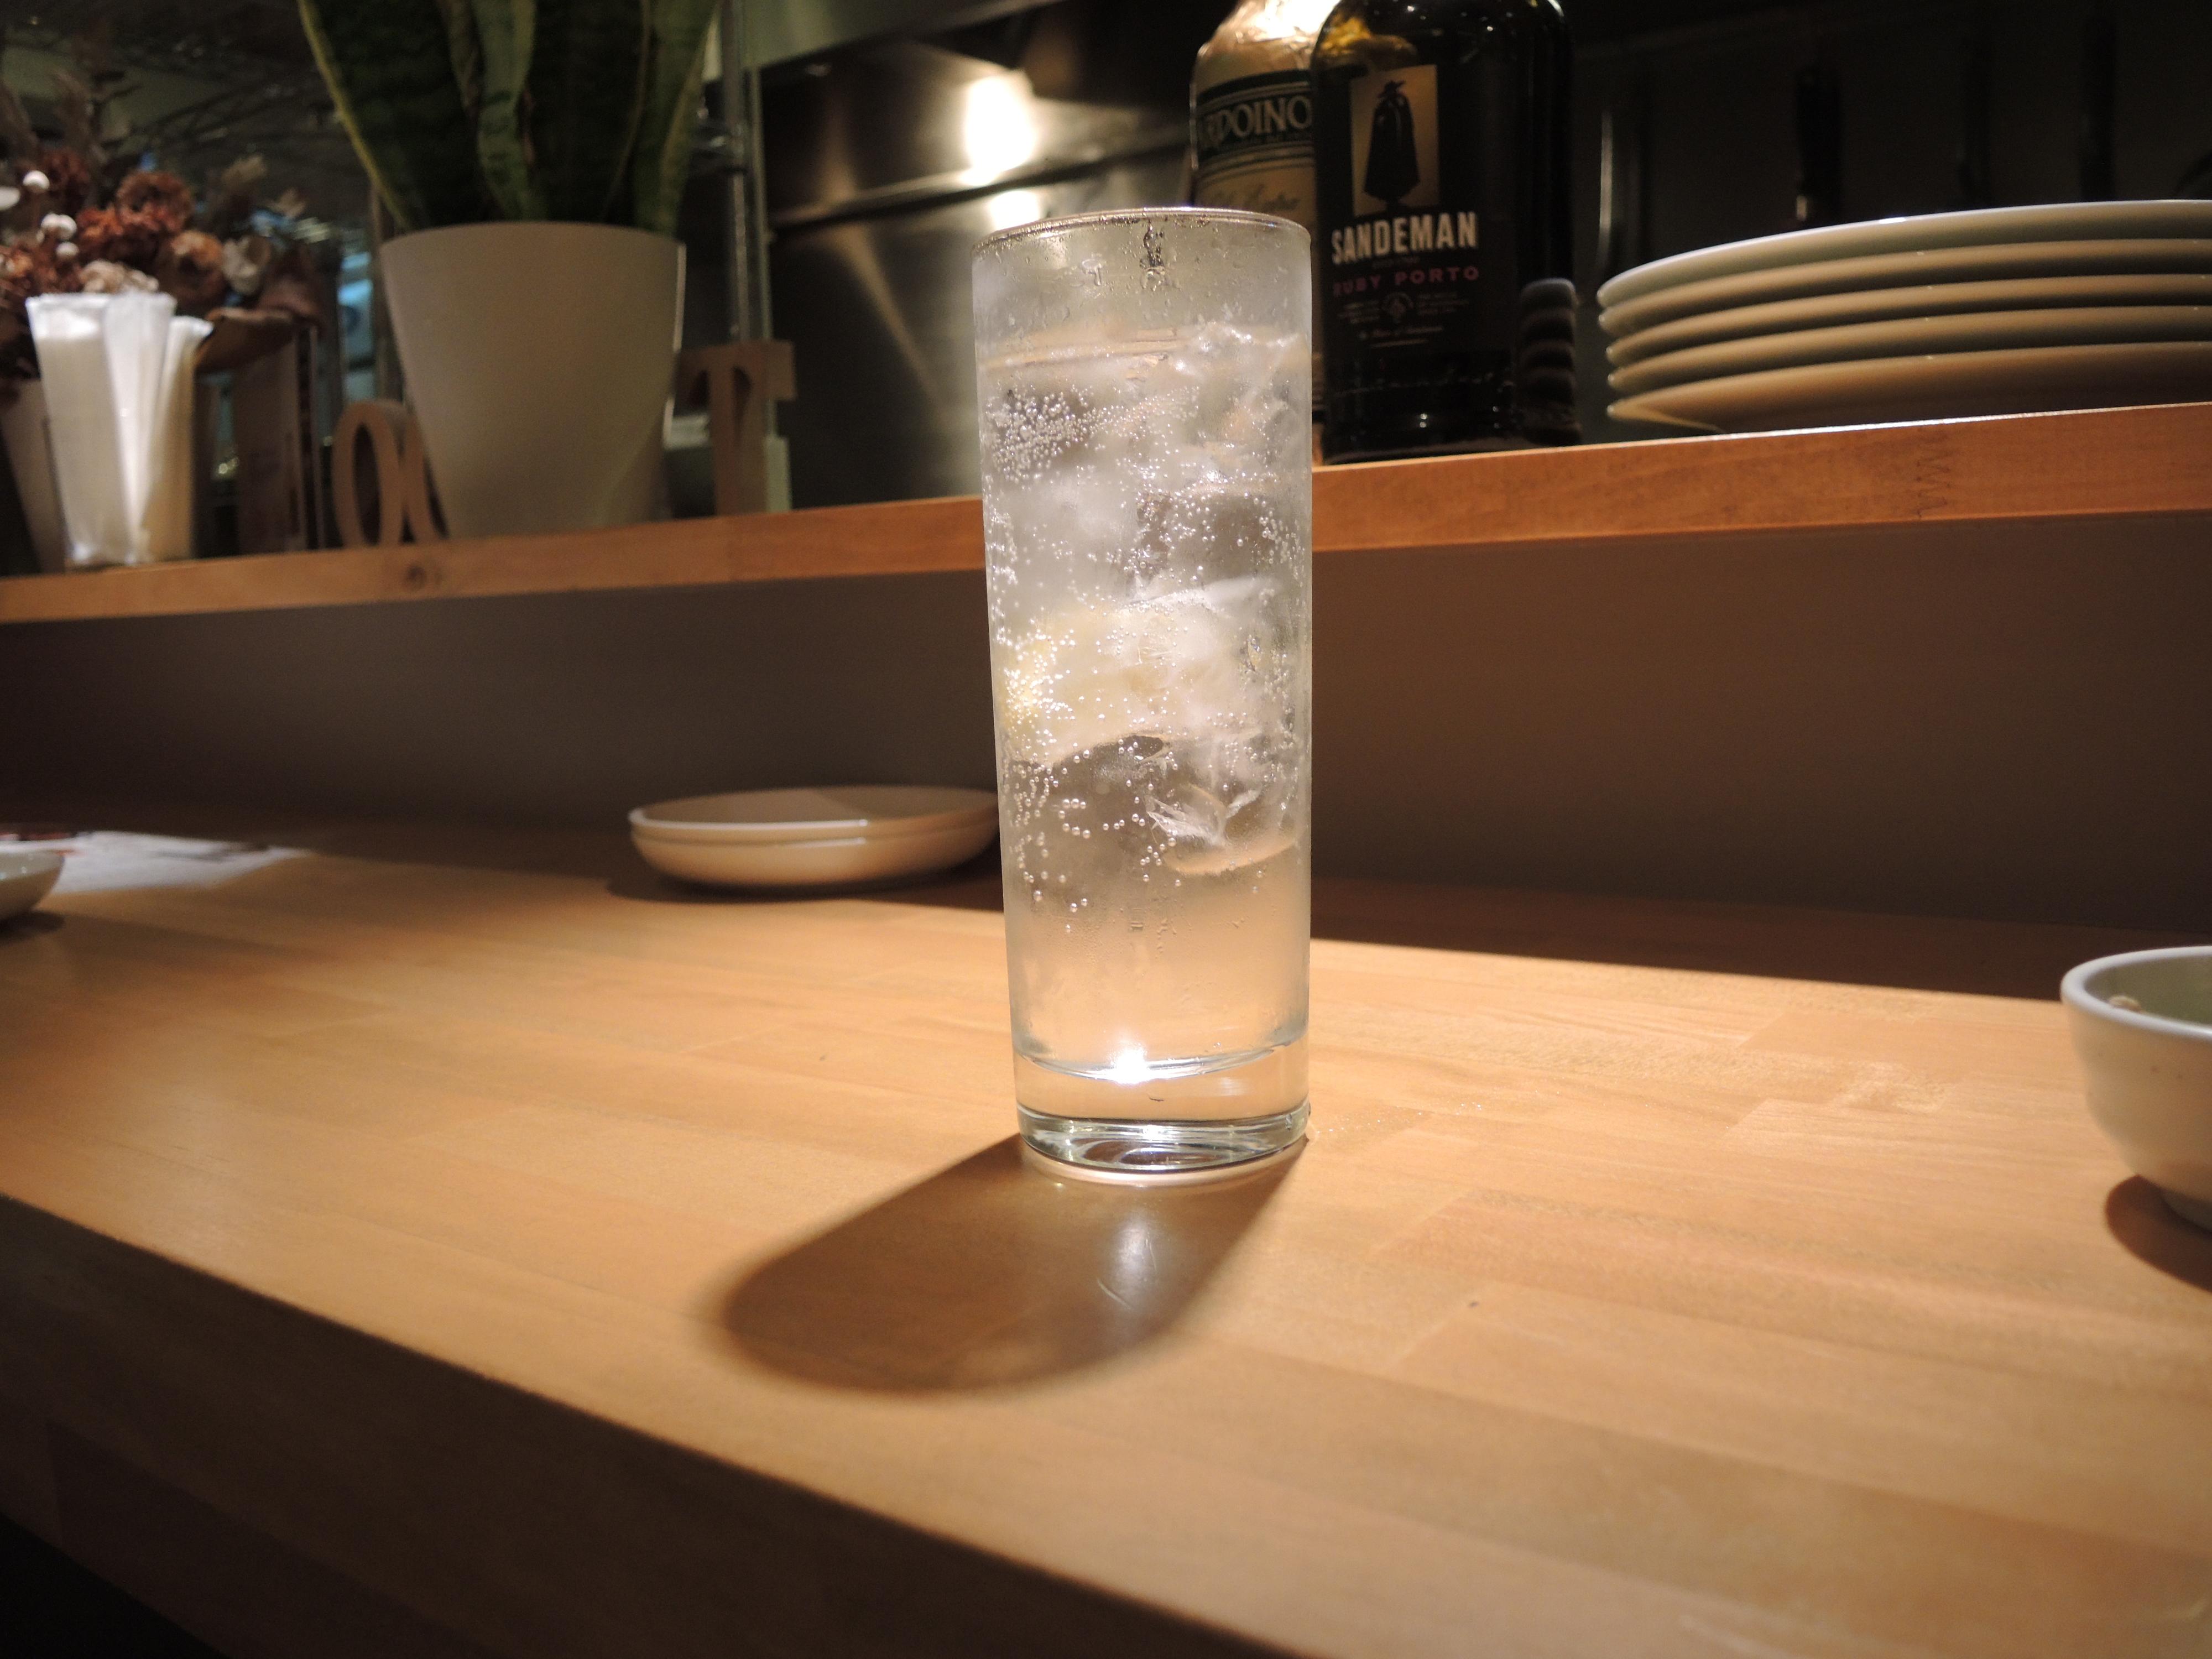 アルコールパッチテストの原理と遺伝学【お酒と …